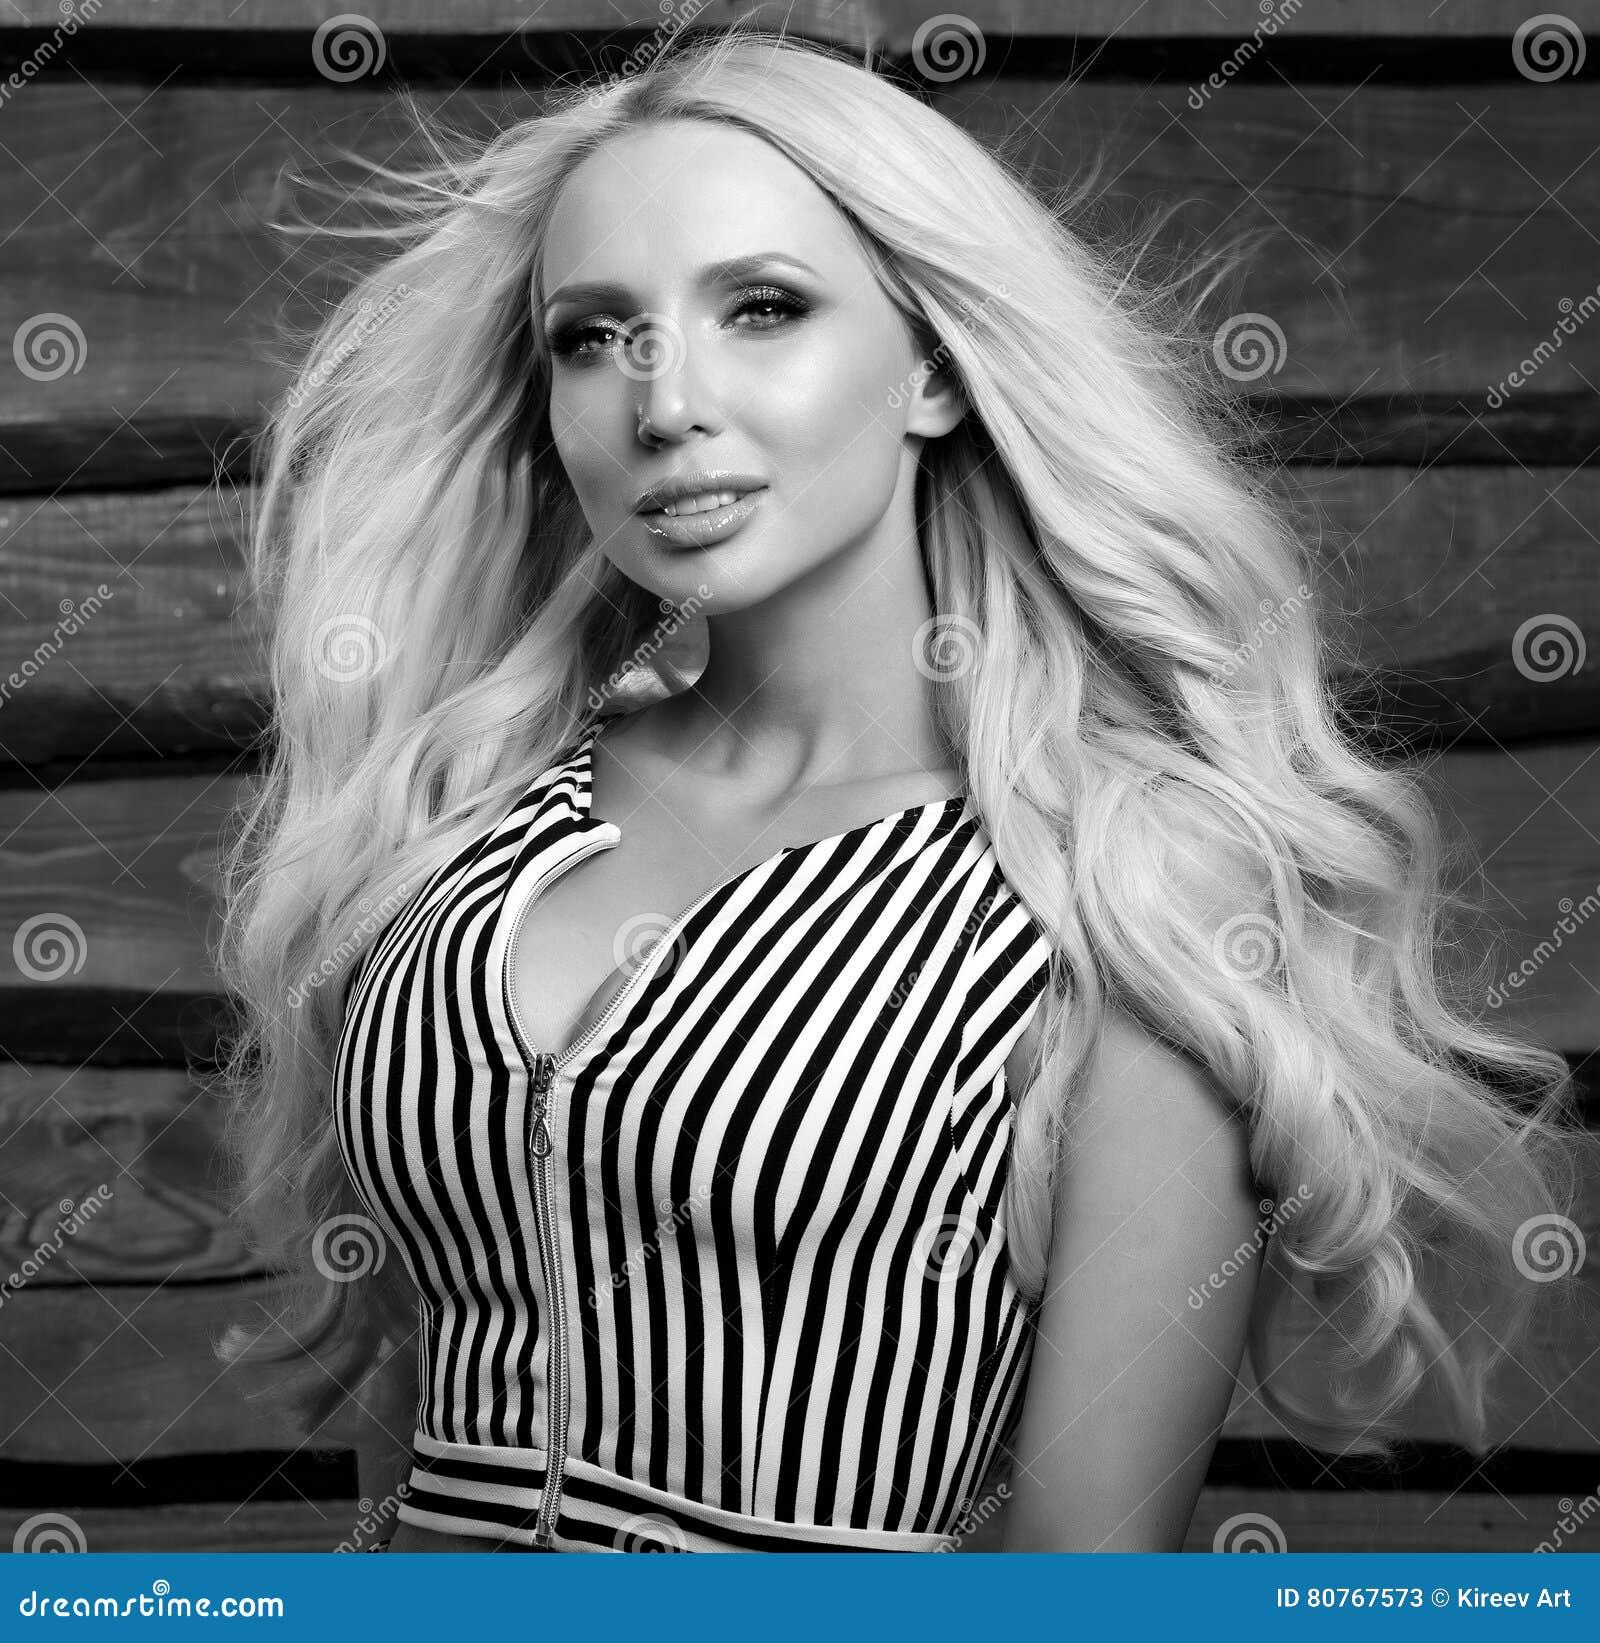 Actitud rubia sensual y de la belleza joven de la mujer en fondo de madera foto Negro-blanca